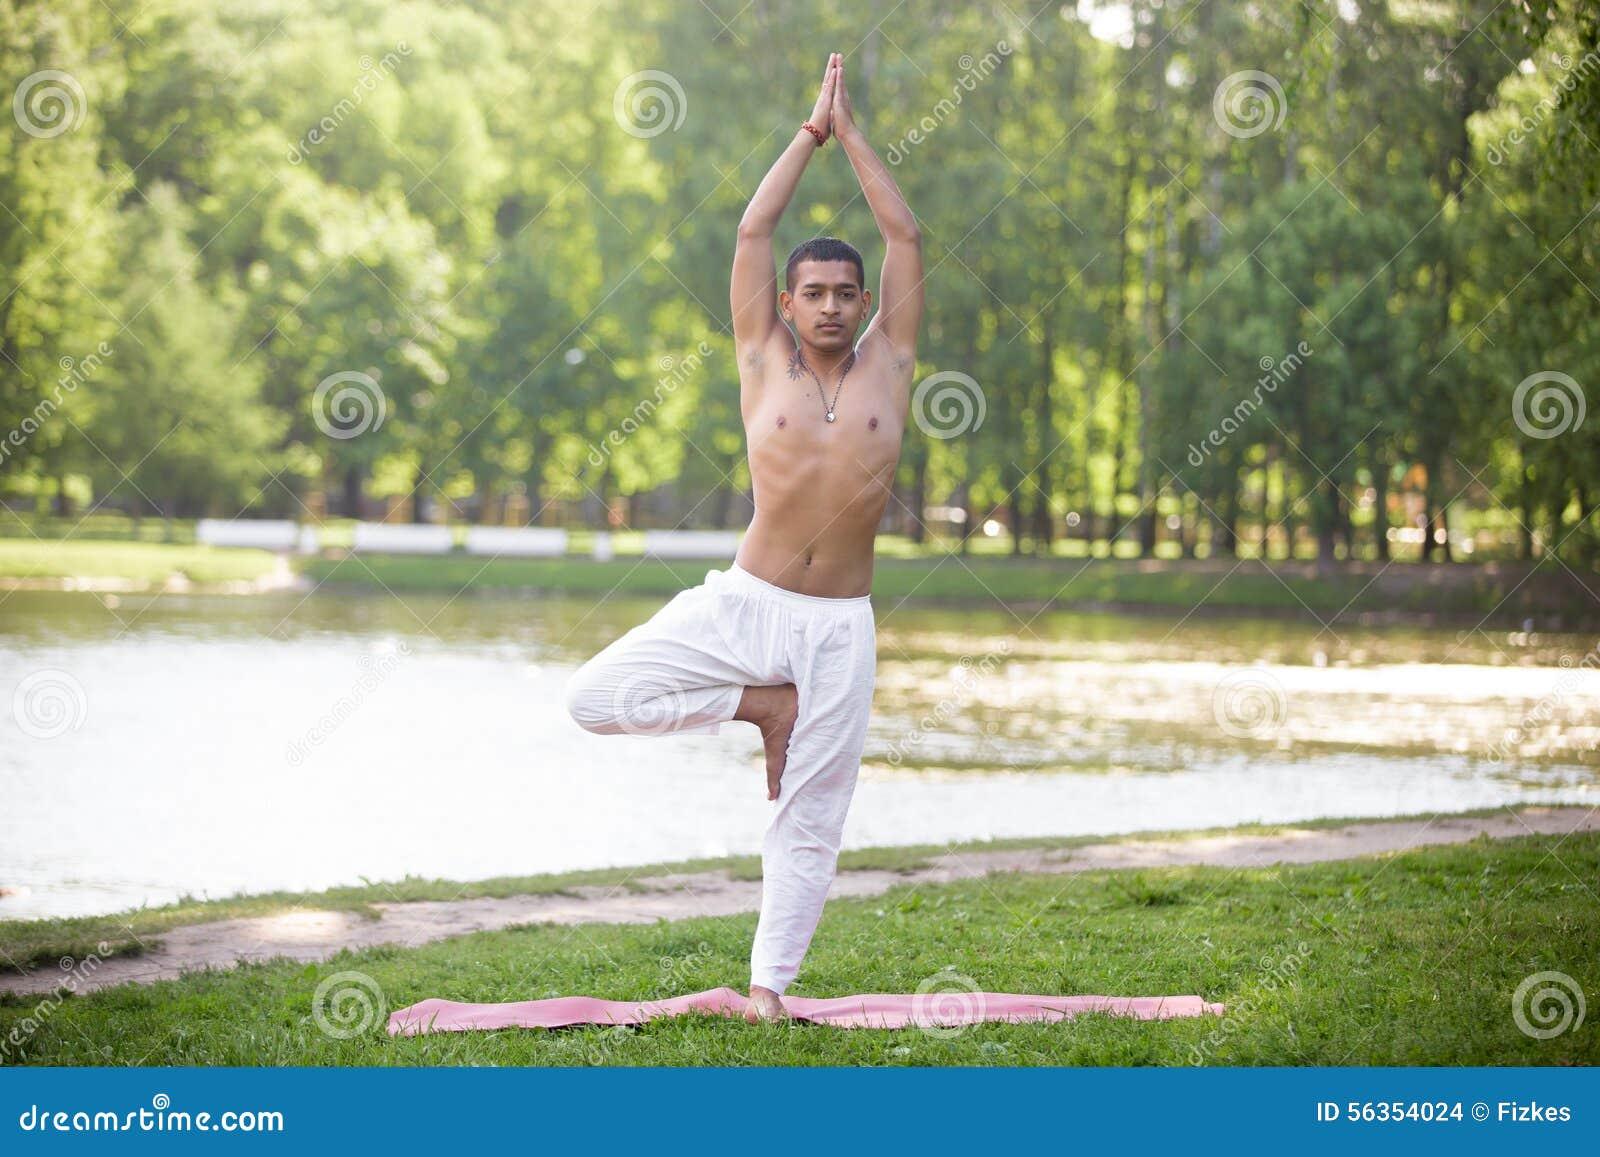 Yoga Vrikshasana Pose Stock Photo Image Of Practice